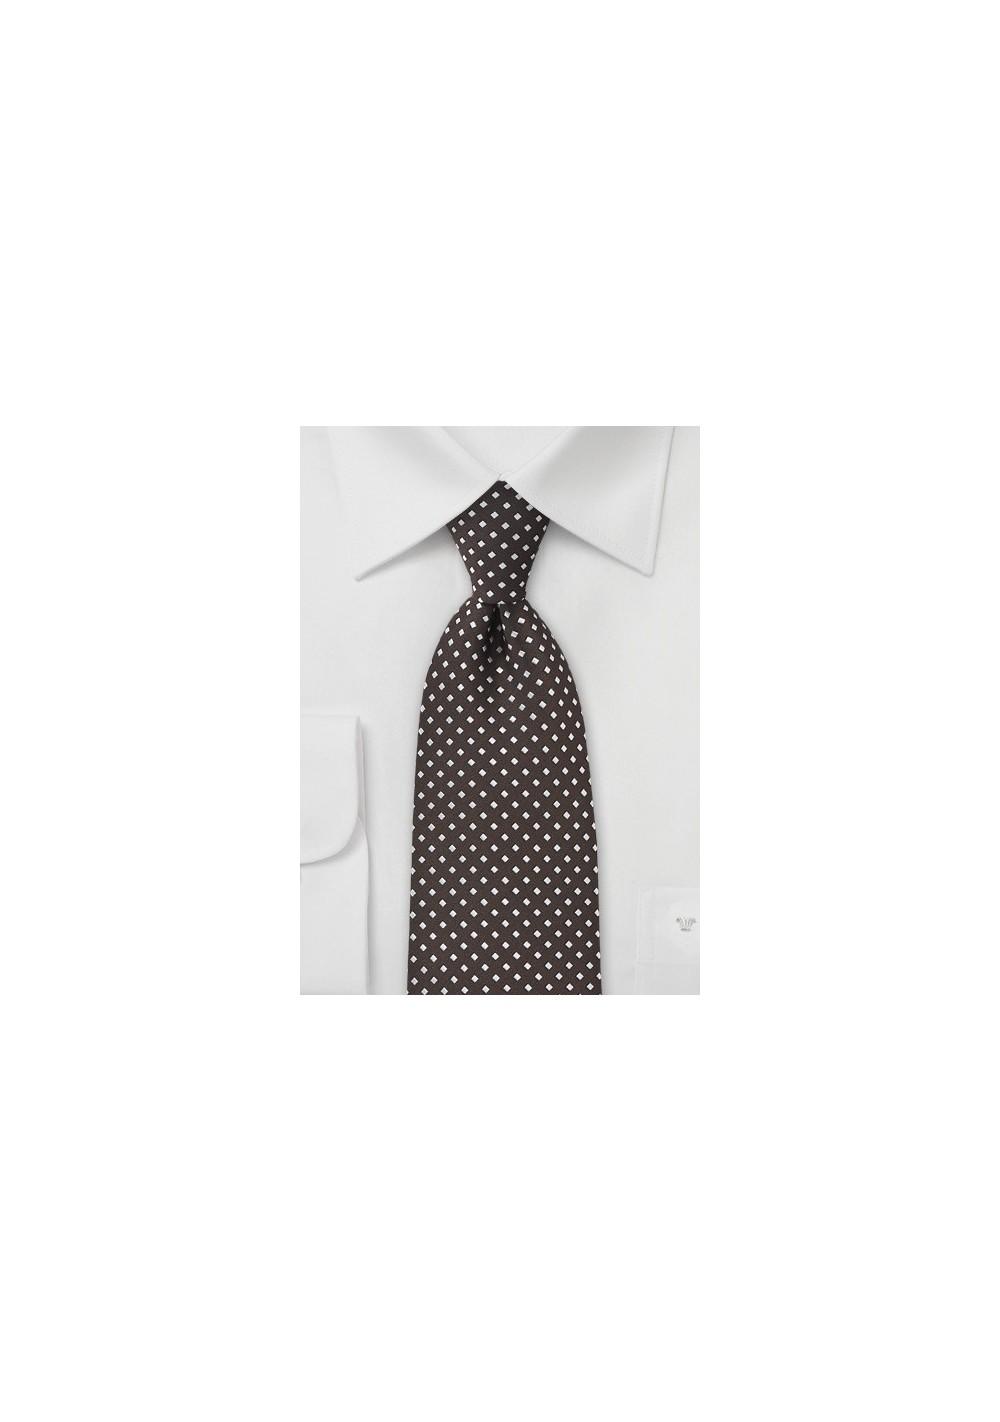 Espresso Brown and Silver Necktie